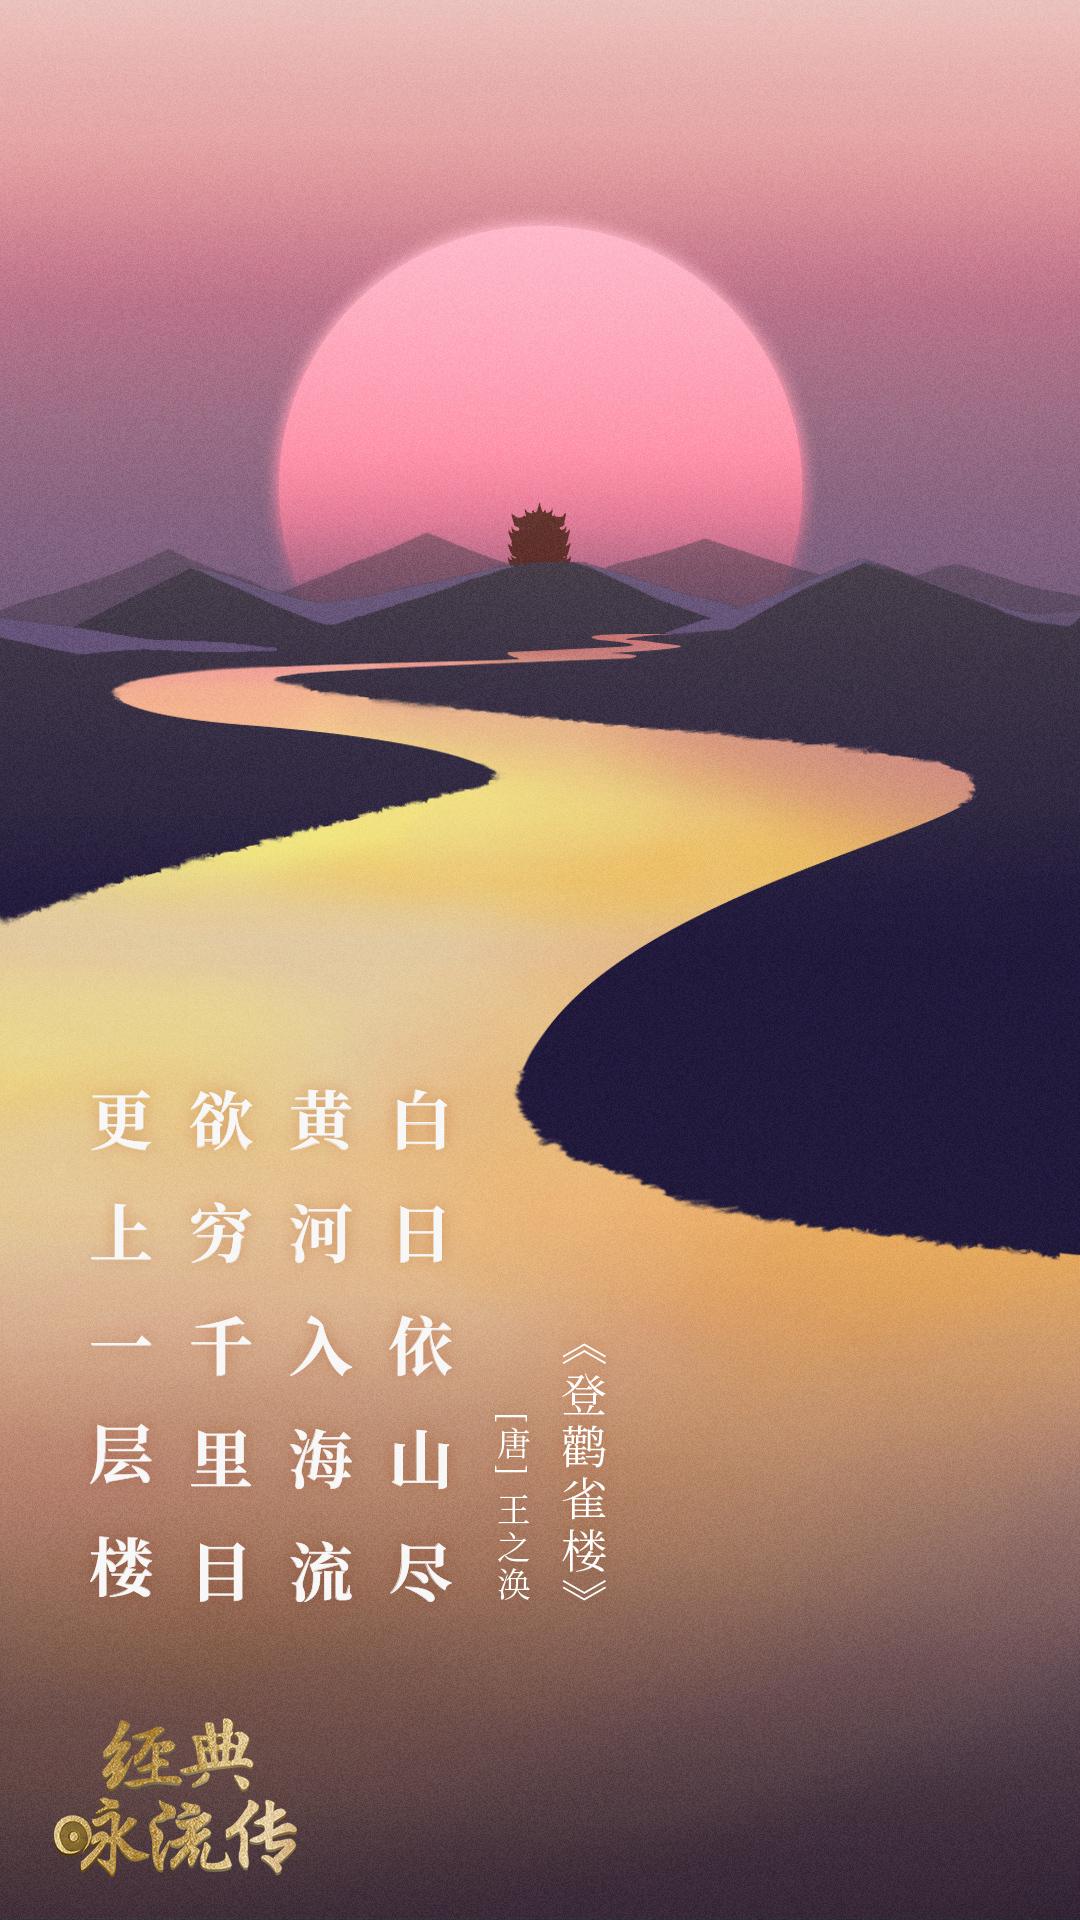 《经典咏流传》诗词意境海报合集 欣赏-第12张